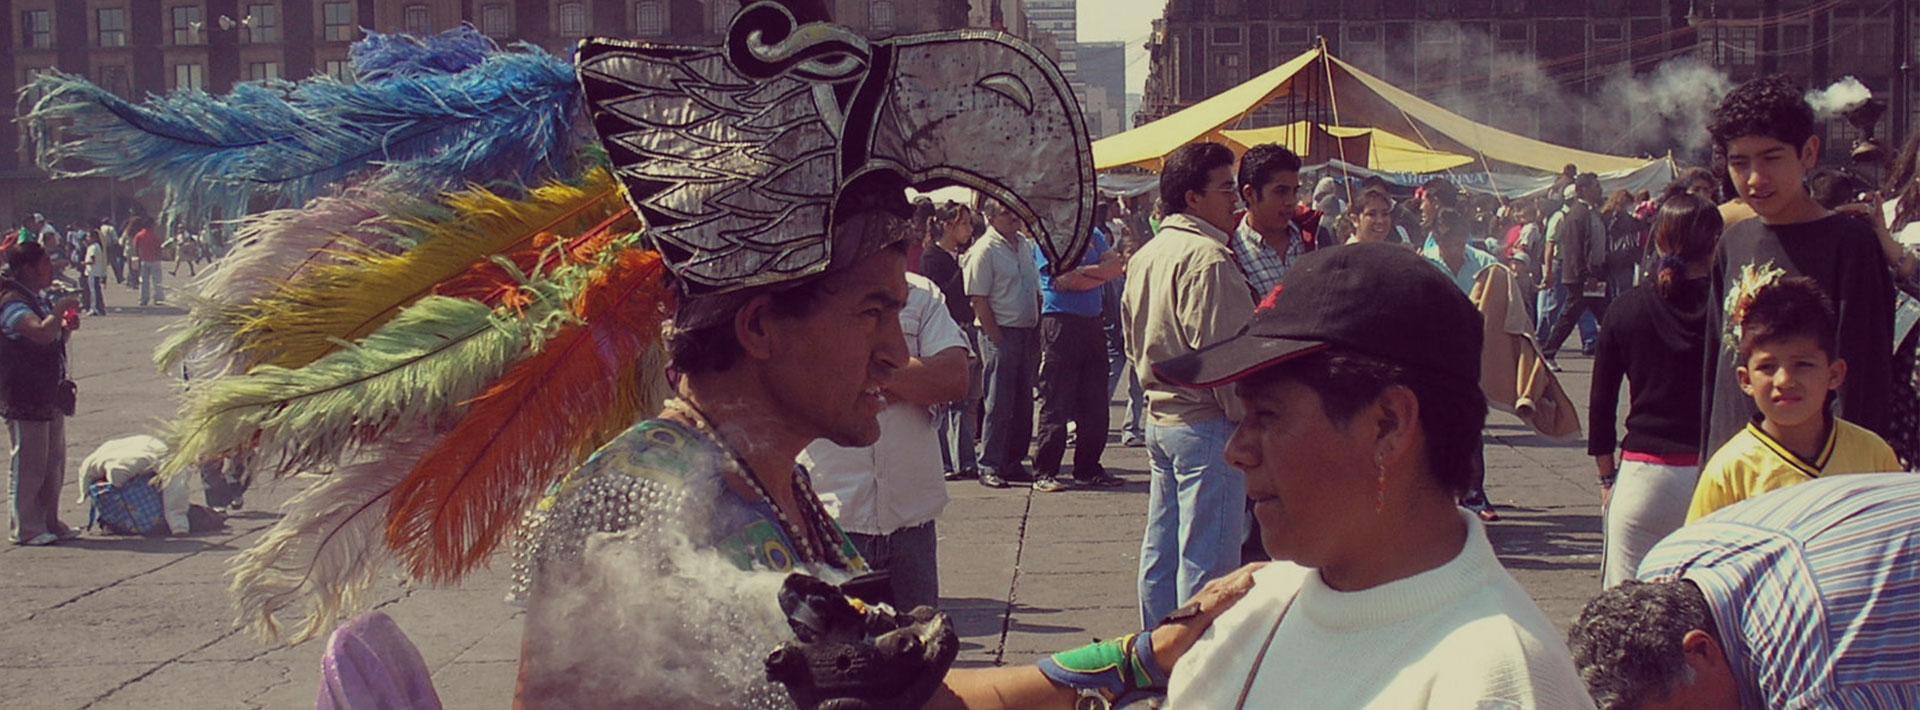 Una ruta viva hacia el abismo: el chamanismo mesoamericano